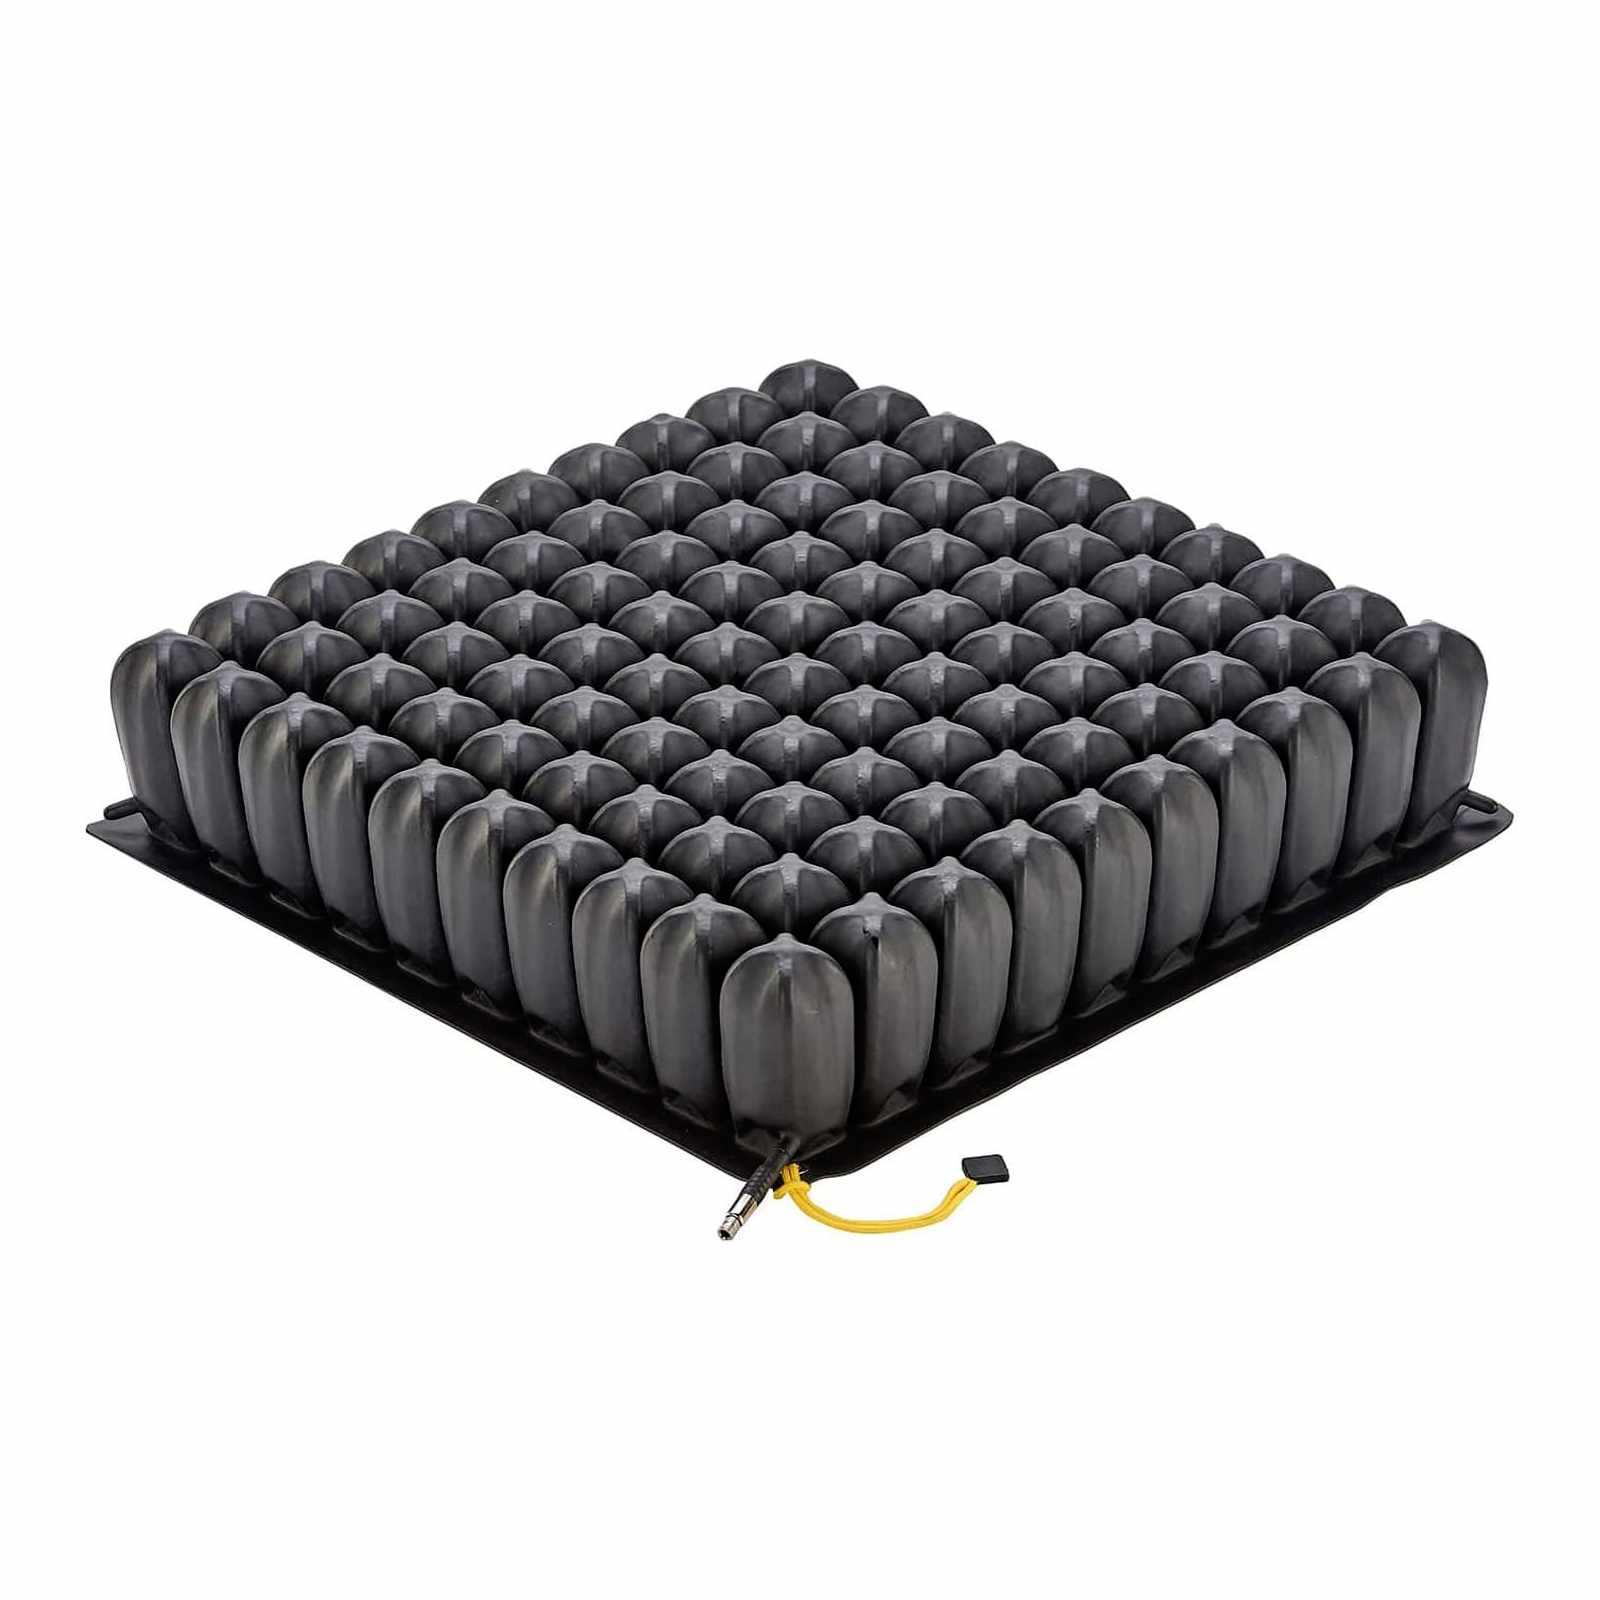 Roho high profile single compartment cushion